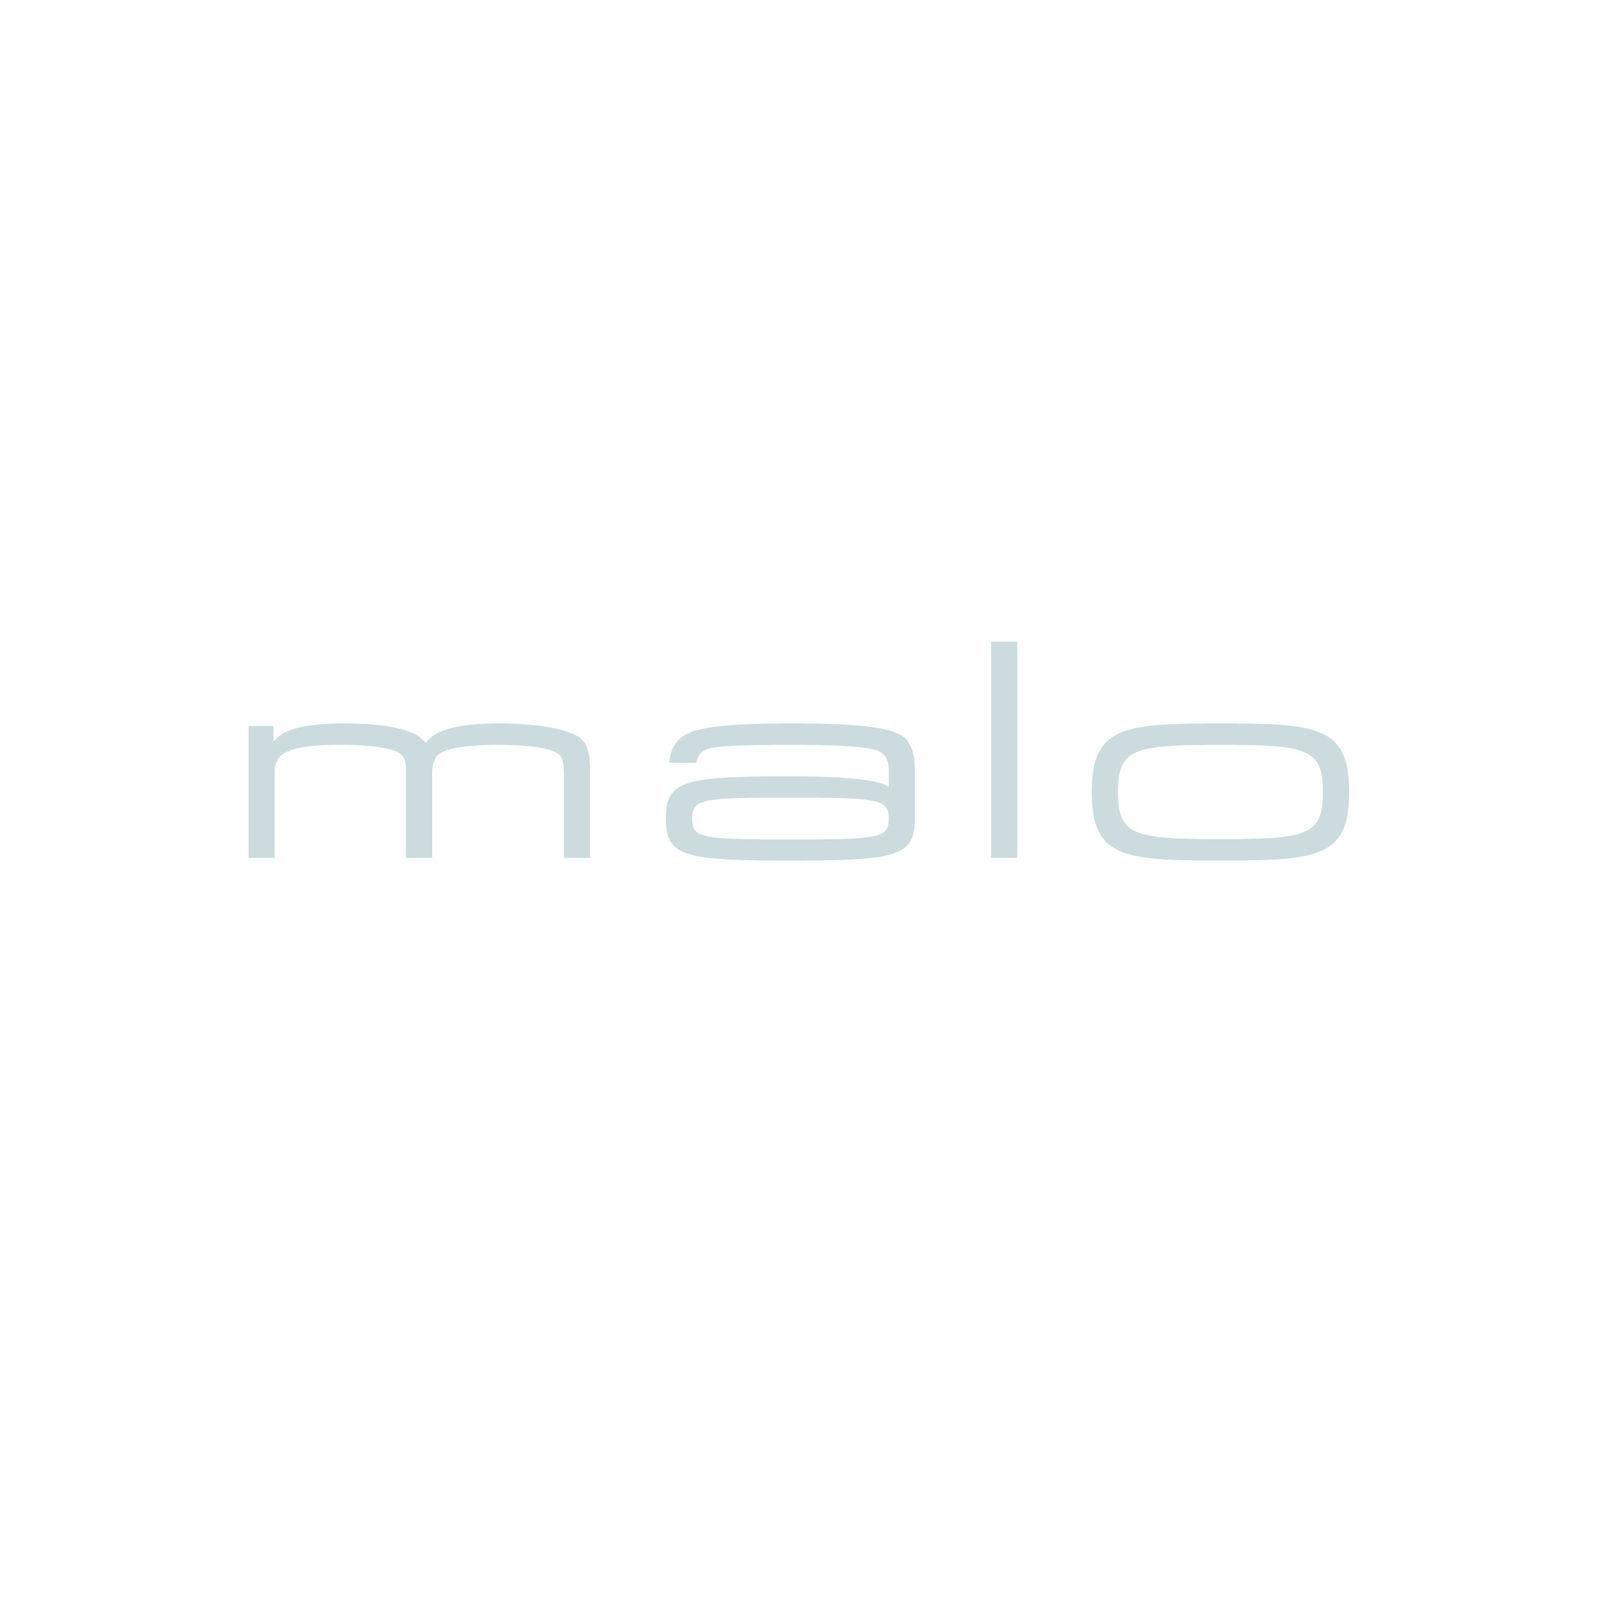 malo (Image 1)